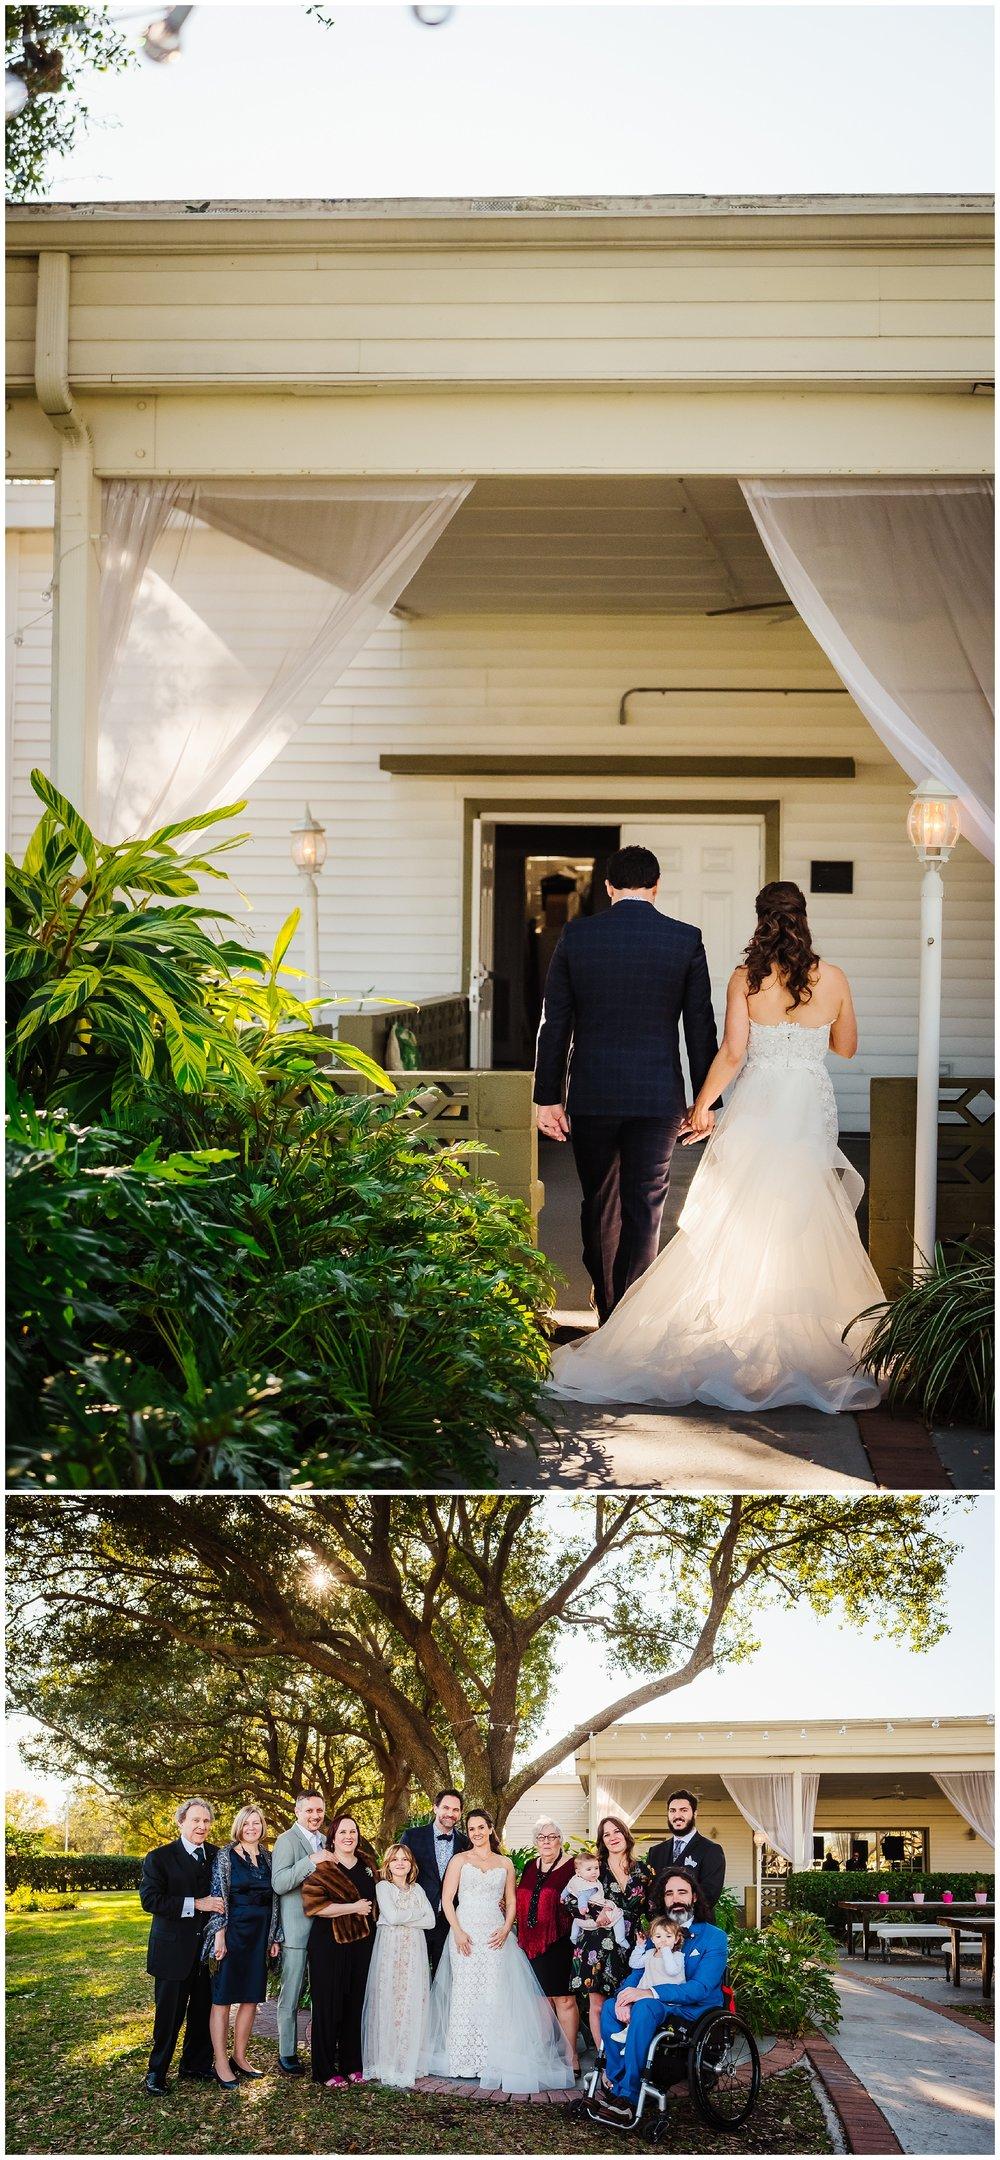 tampa-wedding-photographer-davis-island-flamingo-garden-alexander-mcqueen-non-traditional_0042.jpg